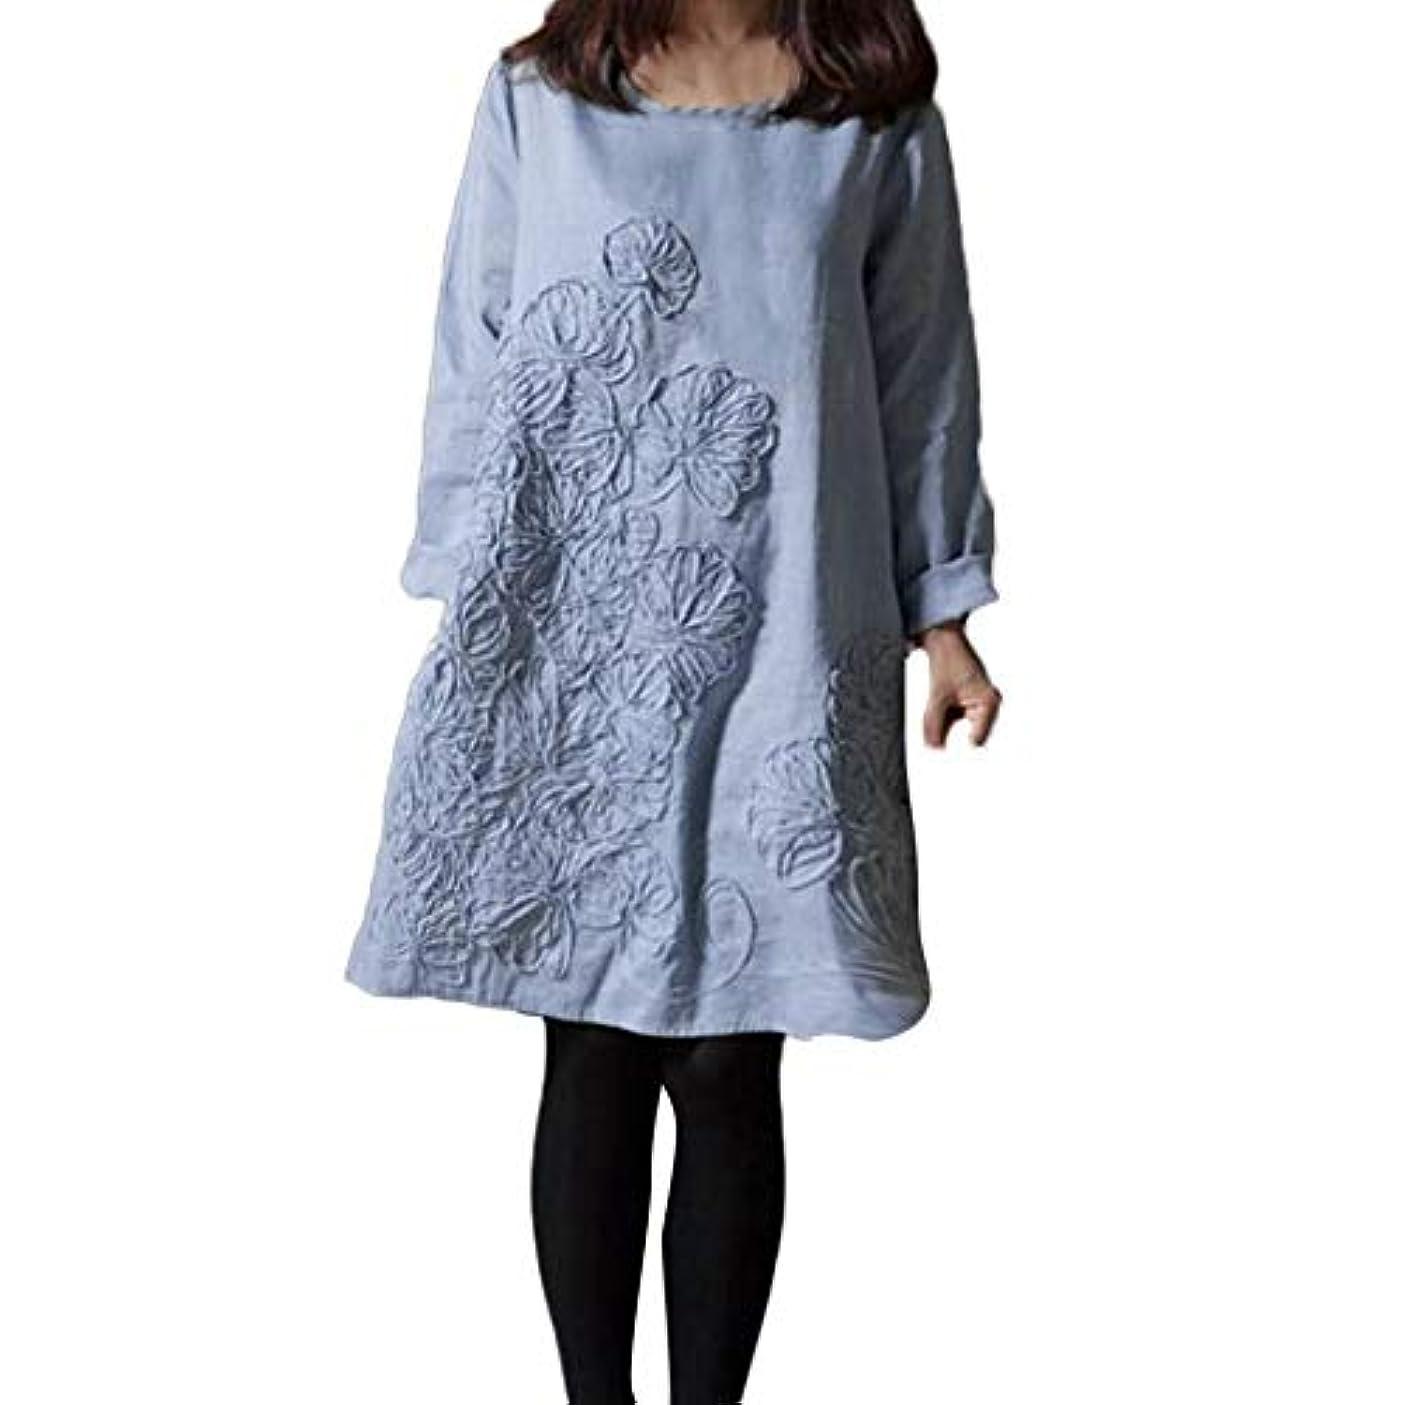 夢中みがきますパン屋女性ドレス 棉麻 YOKINO 花柄 刺繍 ゆったり 体型カバー 森ガール ゆったり 着痩せ レディース白ワンピース 大人 ワンピース 春 夏 秋 ワンピース 大きいサイズ ゆったり 着痩せ